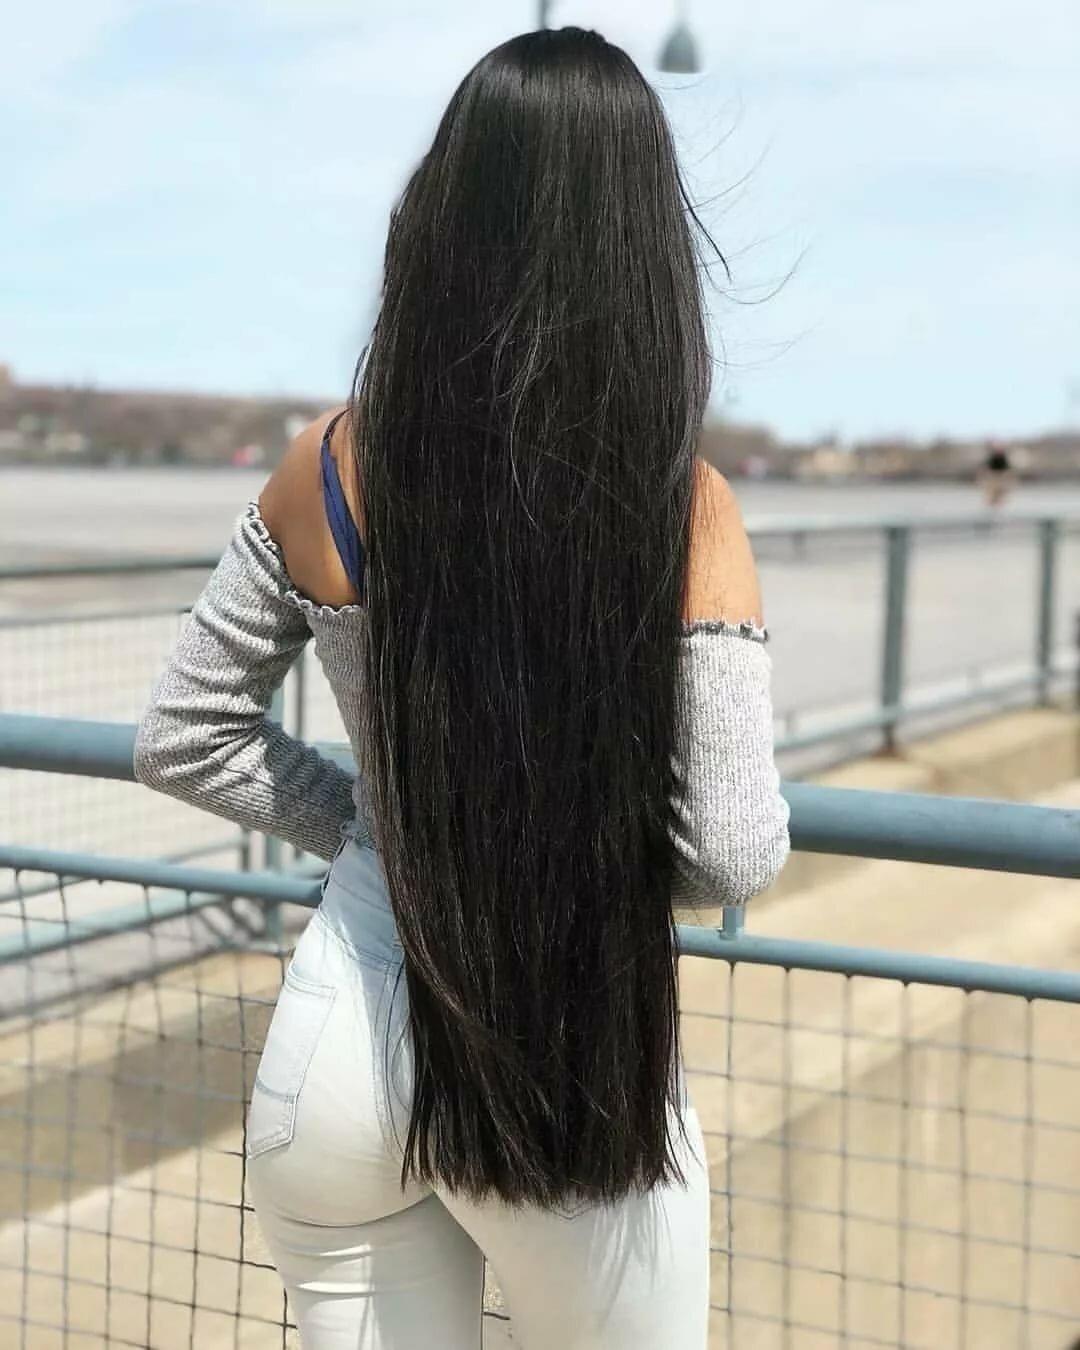 Картинки брюнетки с черными длинными волосами